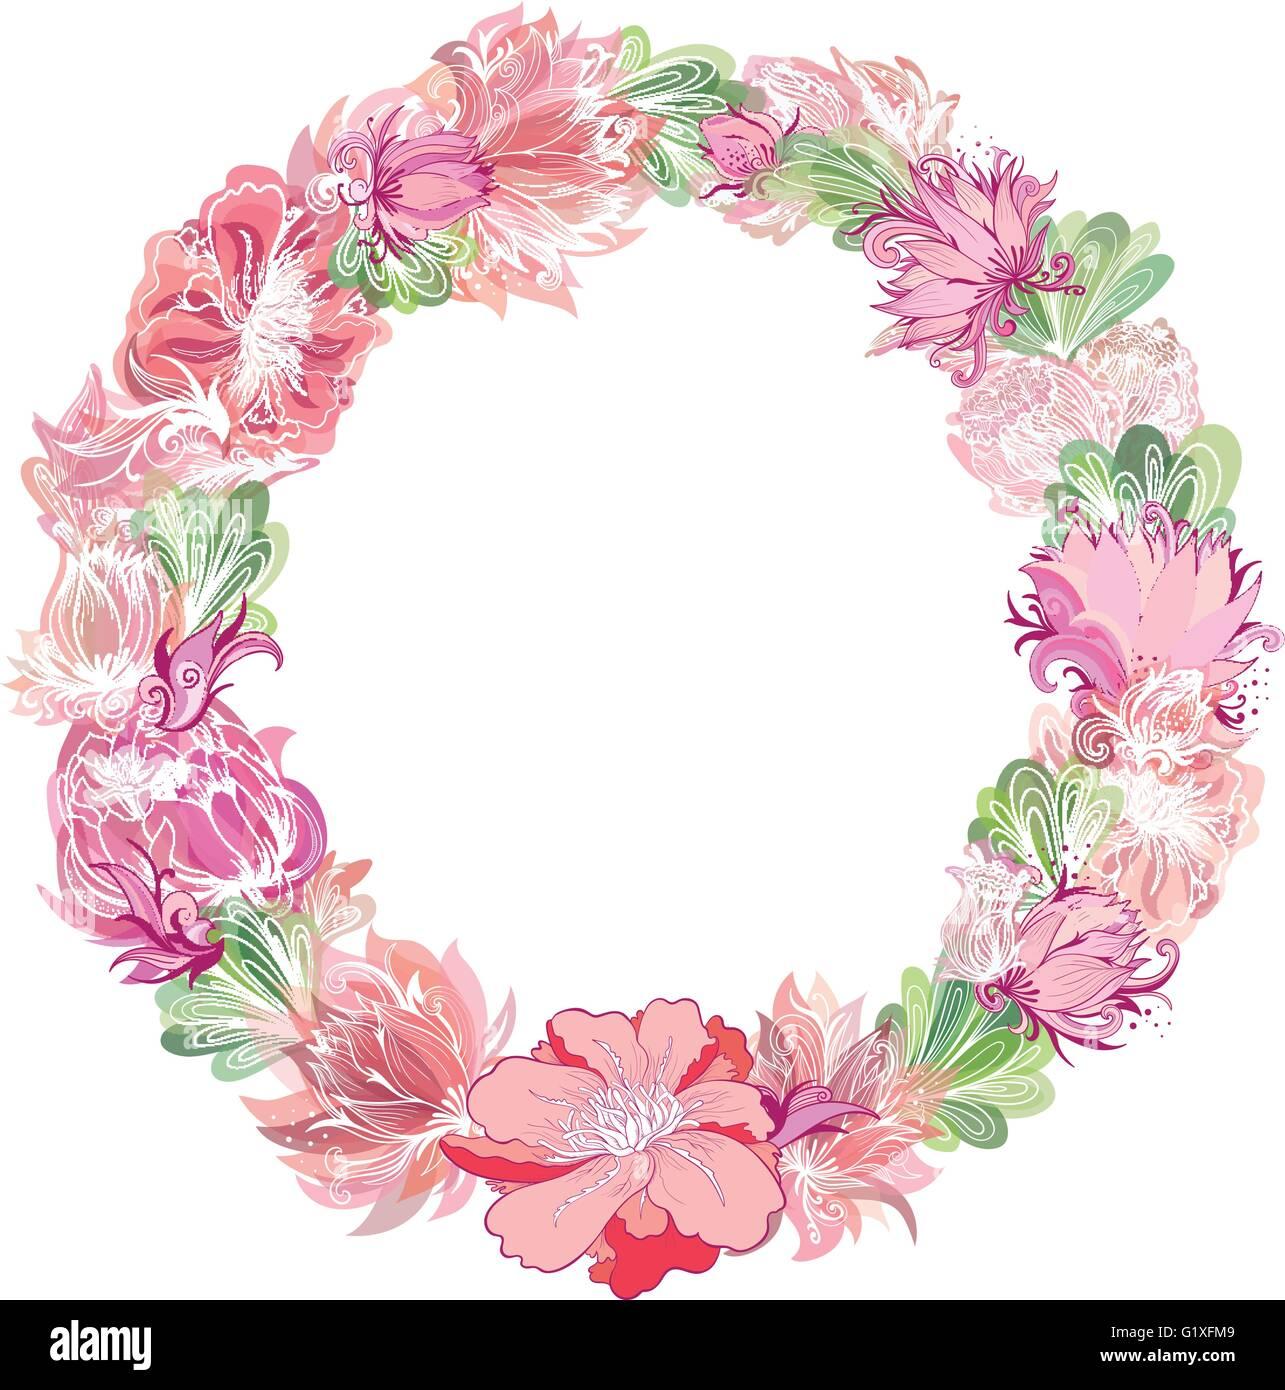 Chssis Circulaire Faite De Croquis Fleurs Avec Effet Aquarelle Transparente Pour Carte Visite Invitation Clbration Design